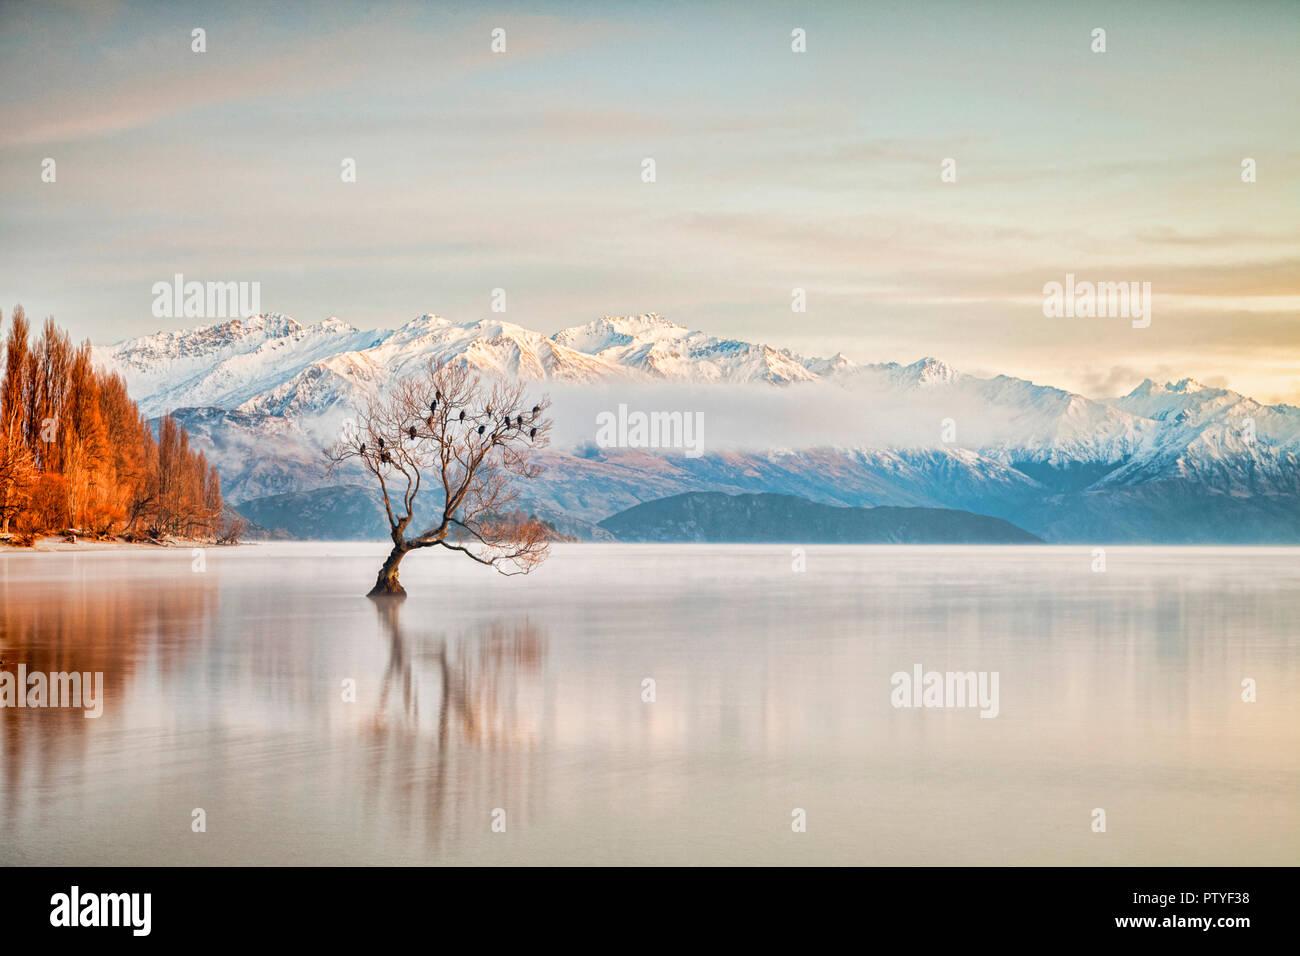 Winter am Lake Wanaka, Südinsel, Neuseeland, mit Vögel Nester in den einzelnen Baum und Nebel steigt aus dem Wasser. Stockbild